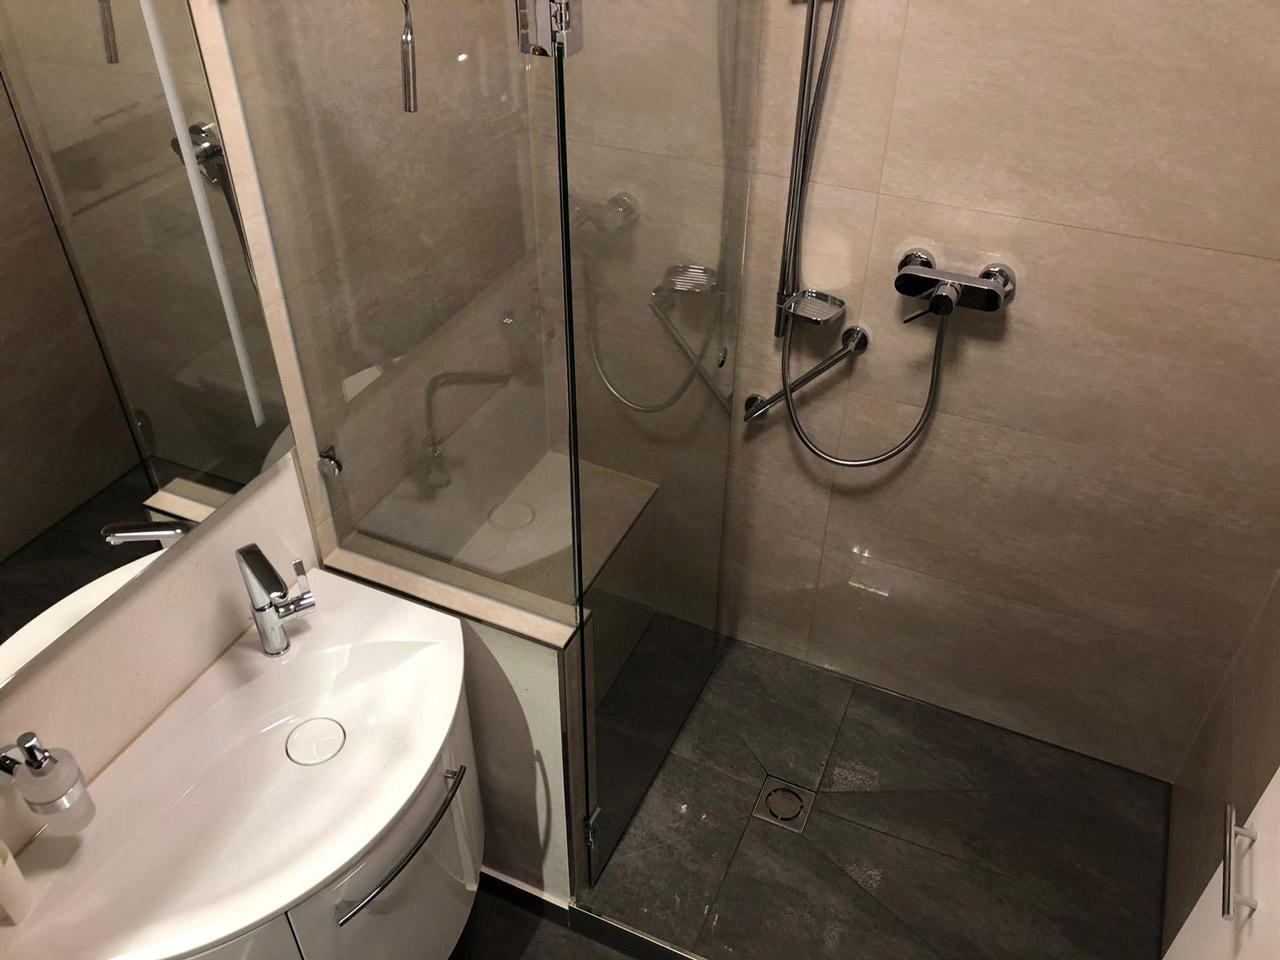 3 6 Quadratmeter Grosses Duschbad In Eimsbuttel Bader Dunkelmann